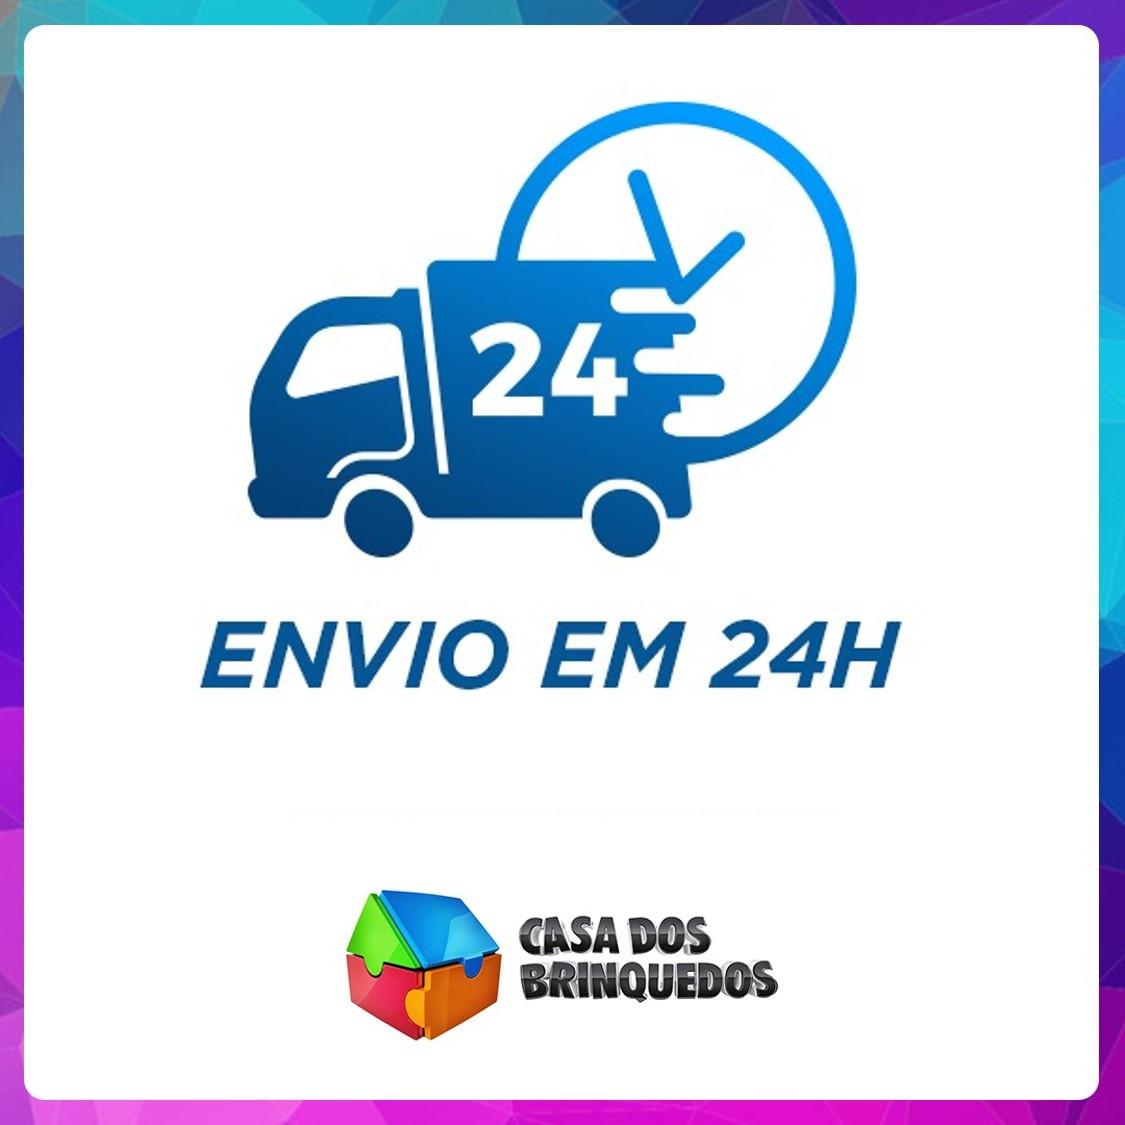 BARRACA CASINHA PRINCESAS DISNEY 2717 LIDER